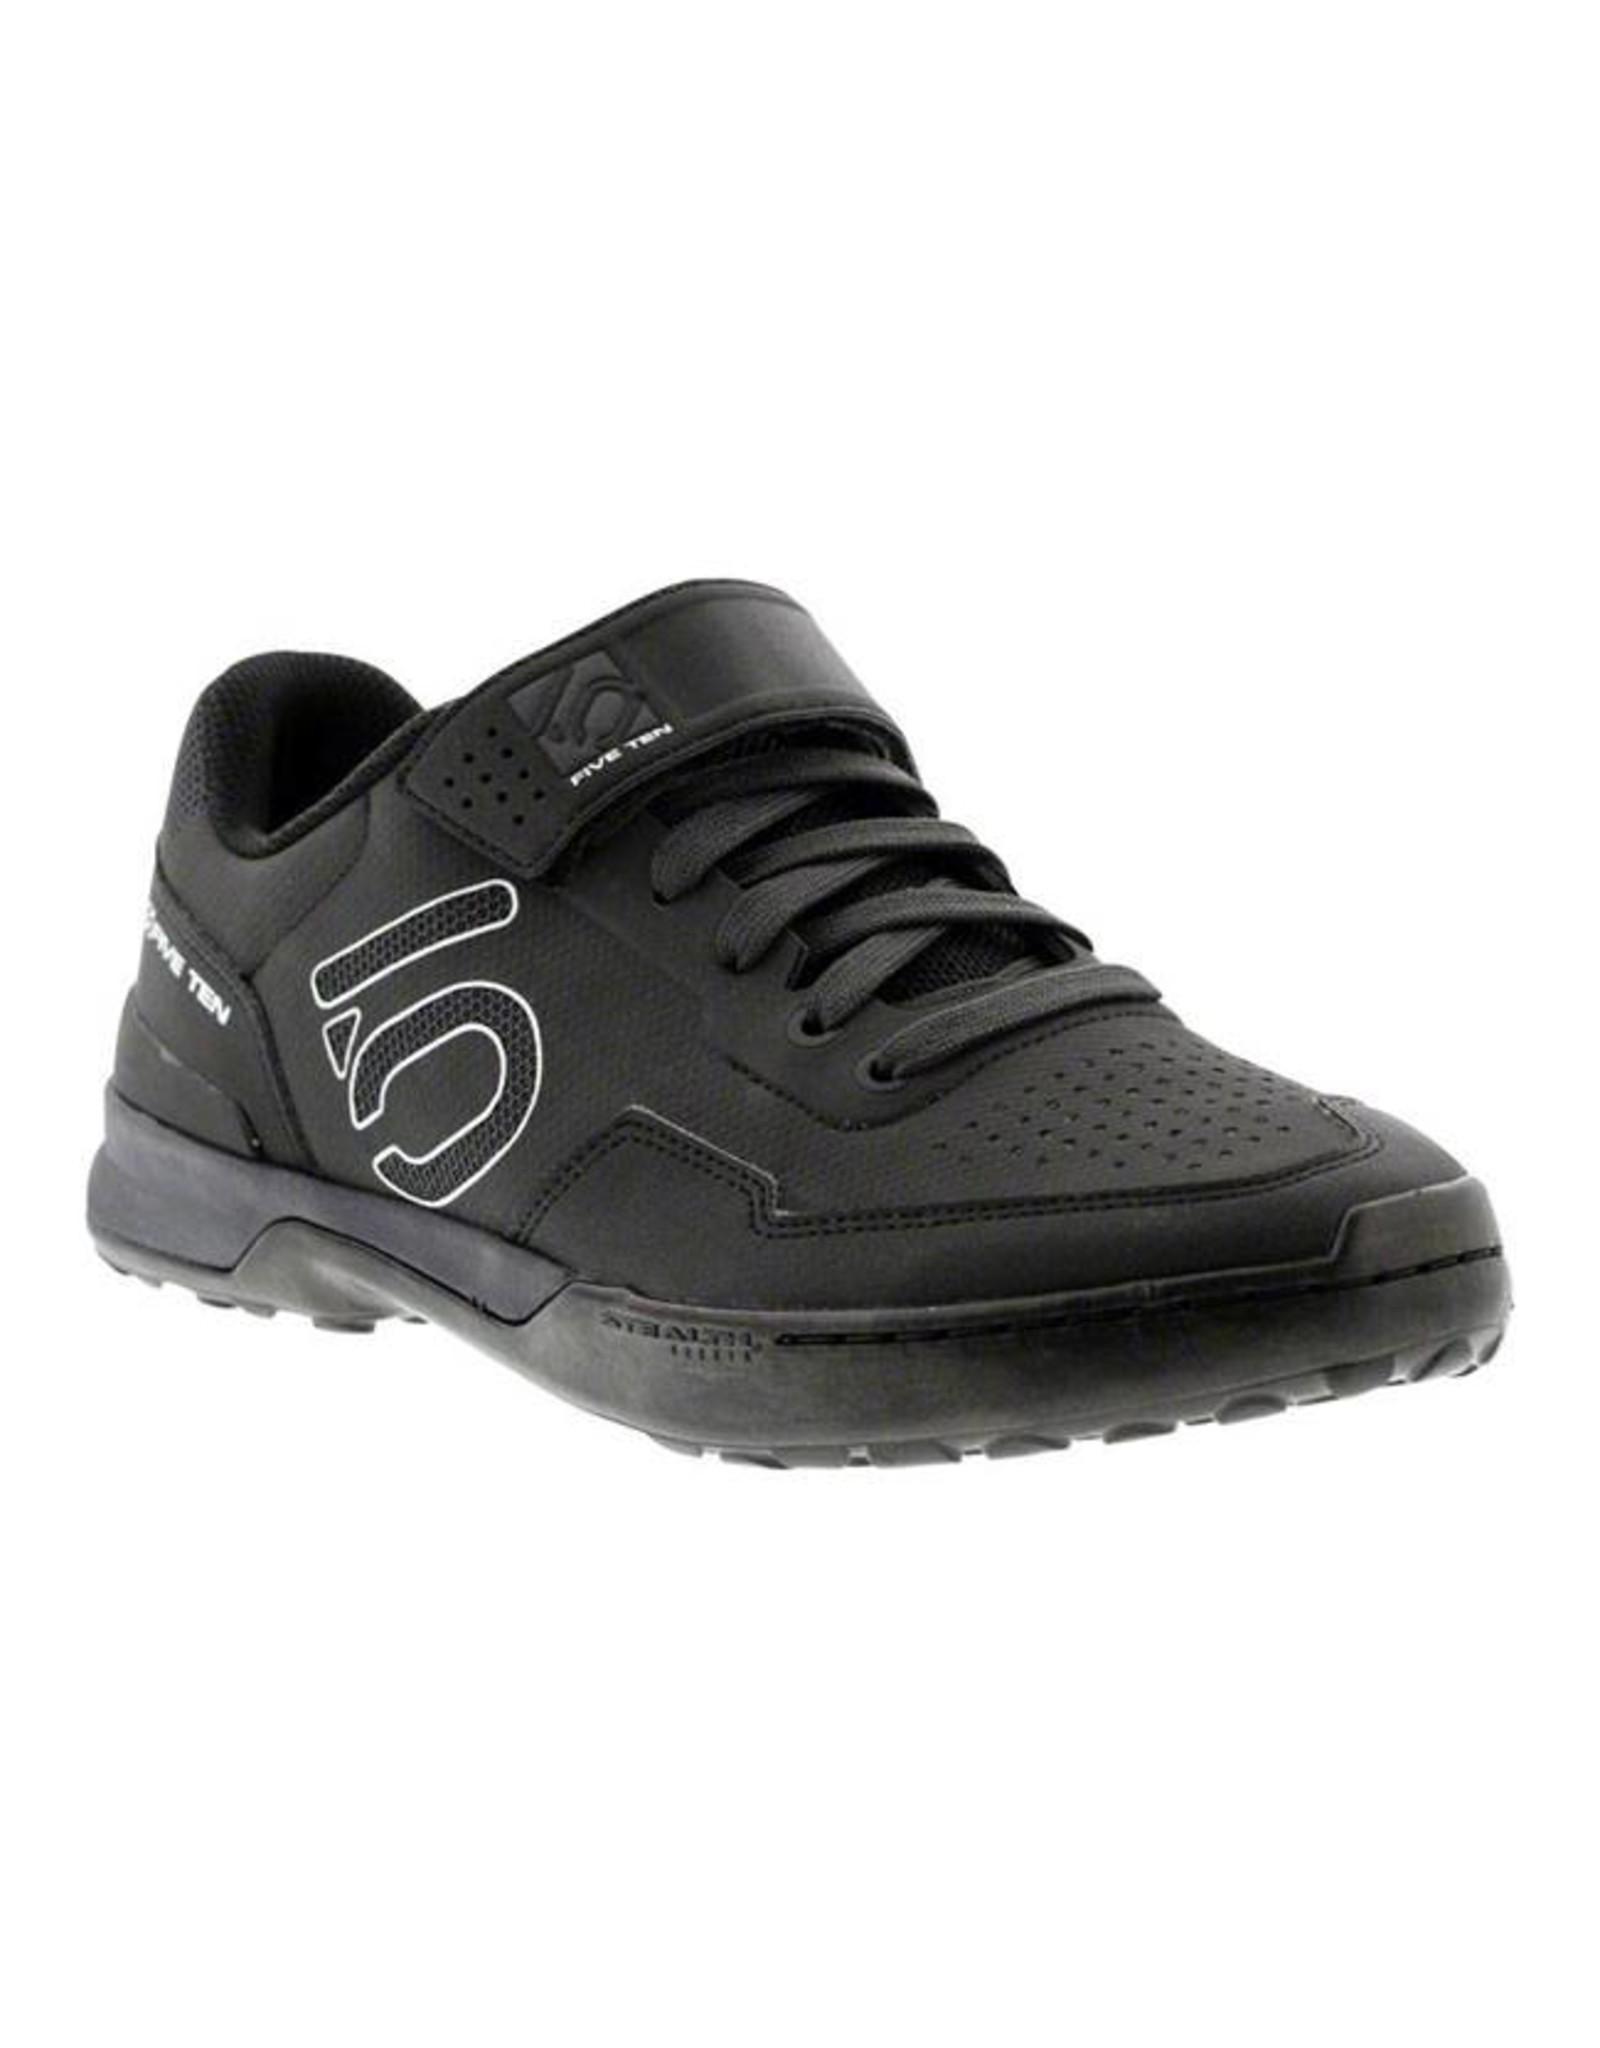 Five Ten Five Ten Kestrel Lace Men's Clipless Shoe: Black Carbon 10.5